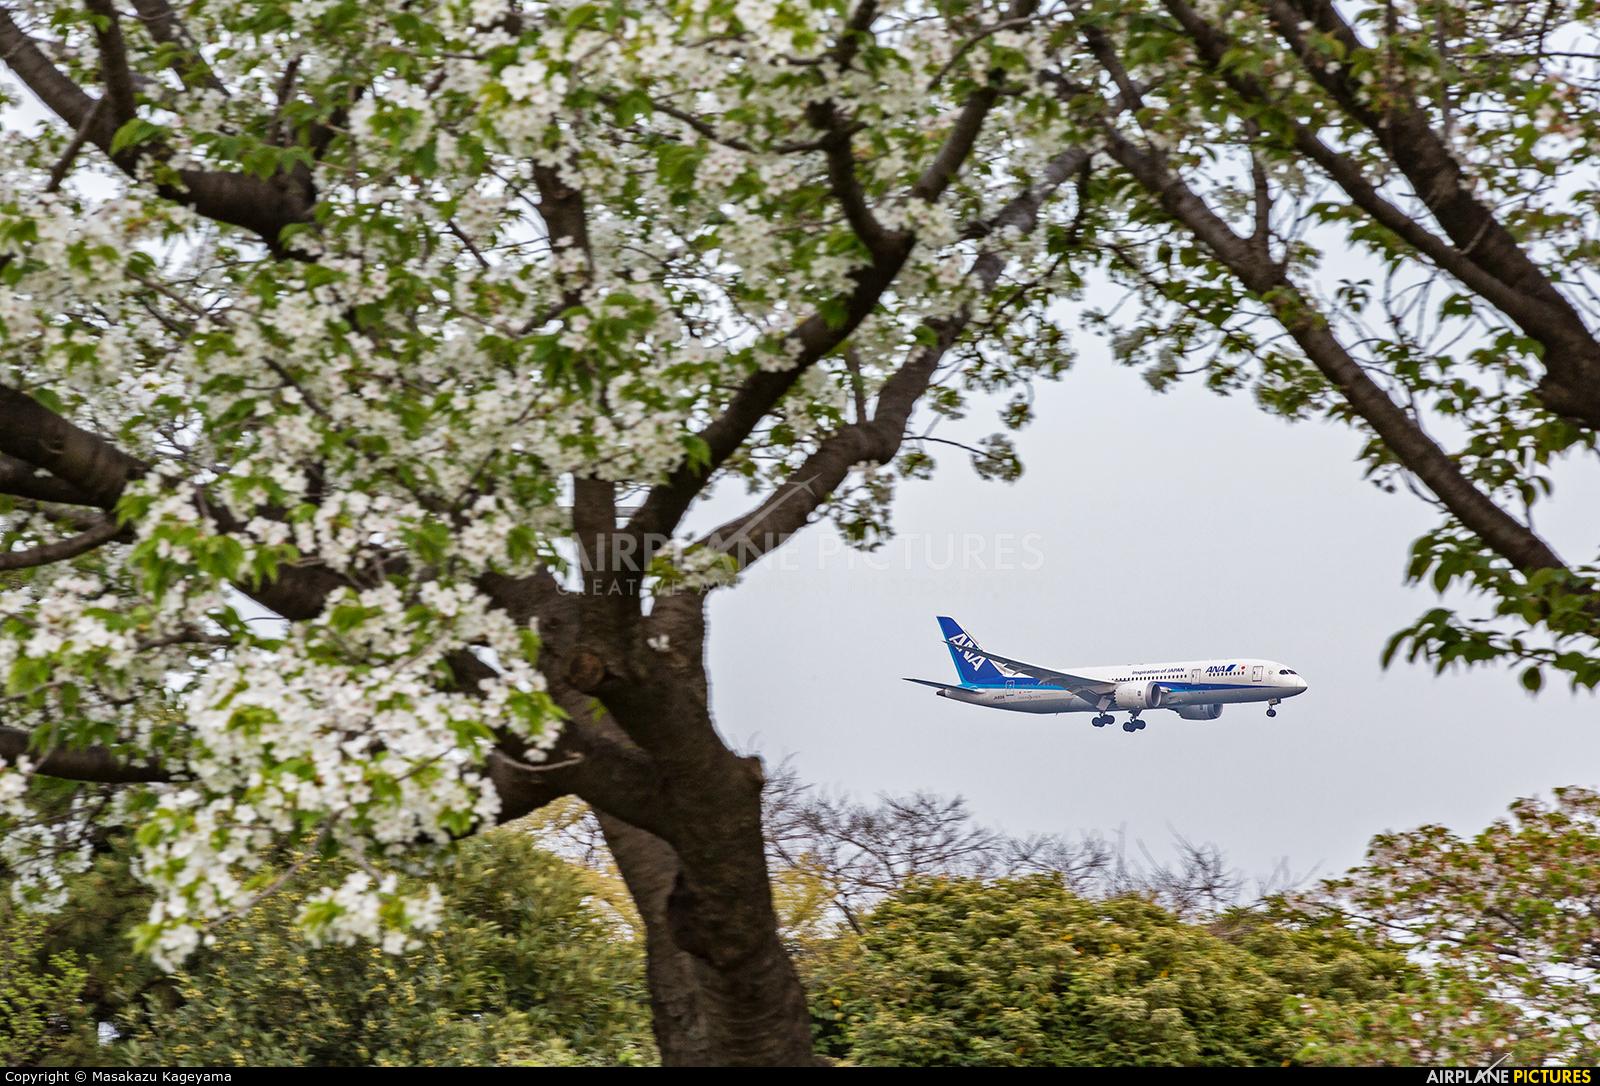 ANA - All Nippon Airways JA831A aircraft at Tokyo - Haneda Intl